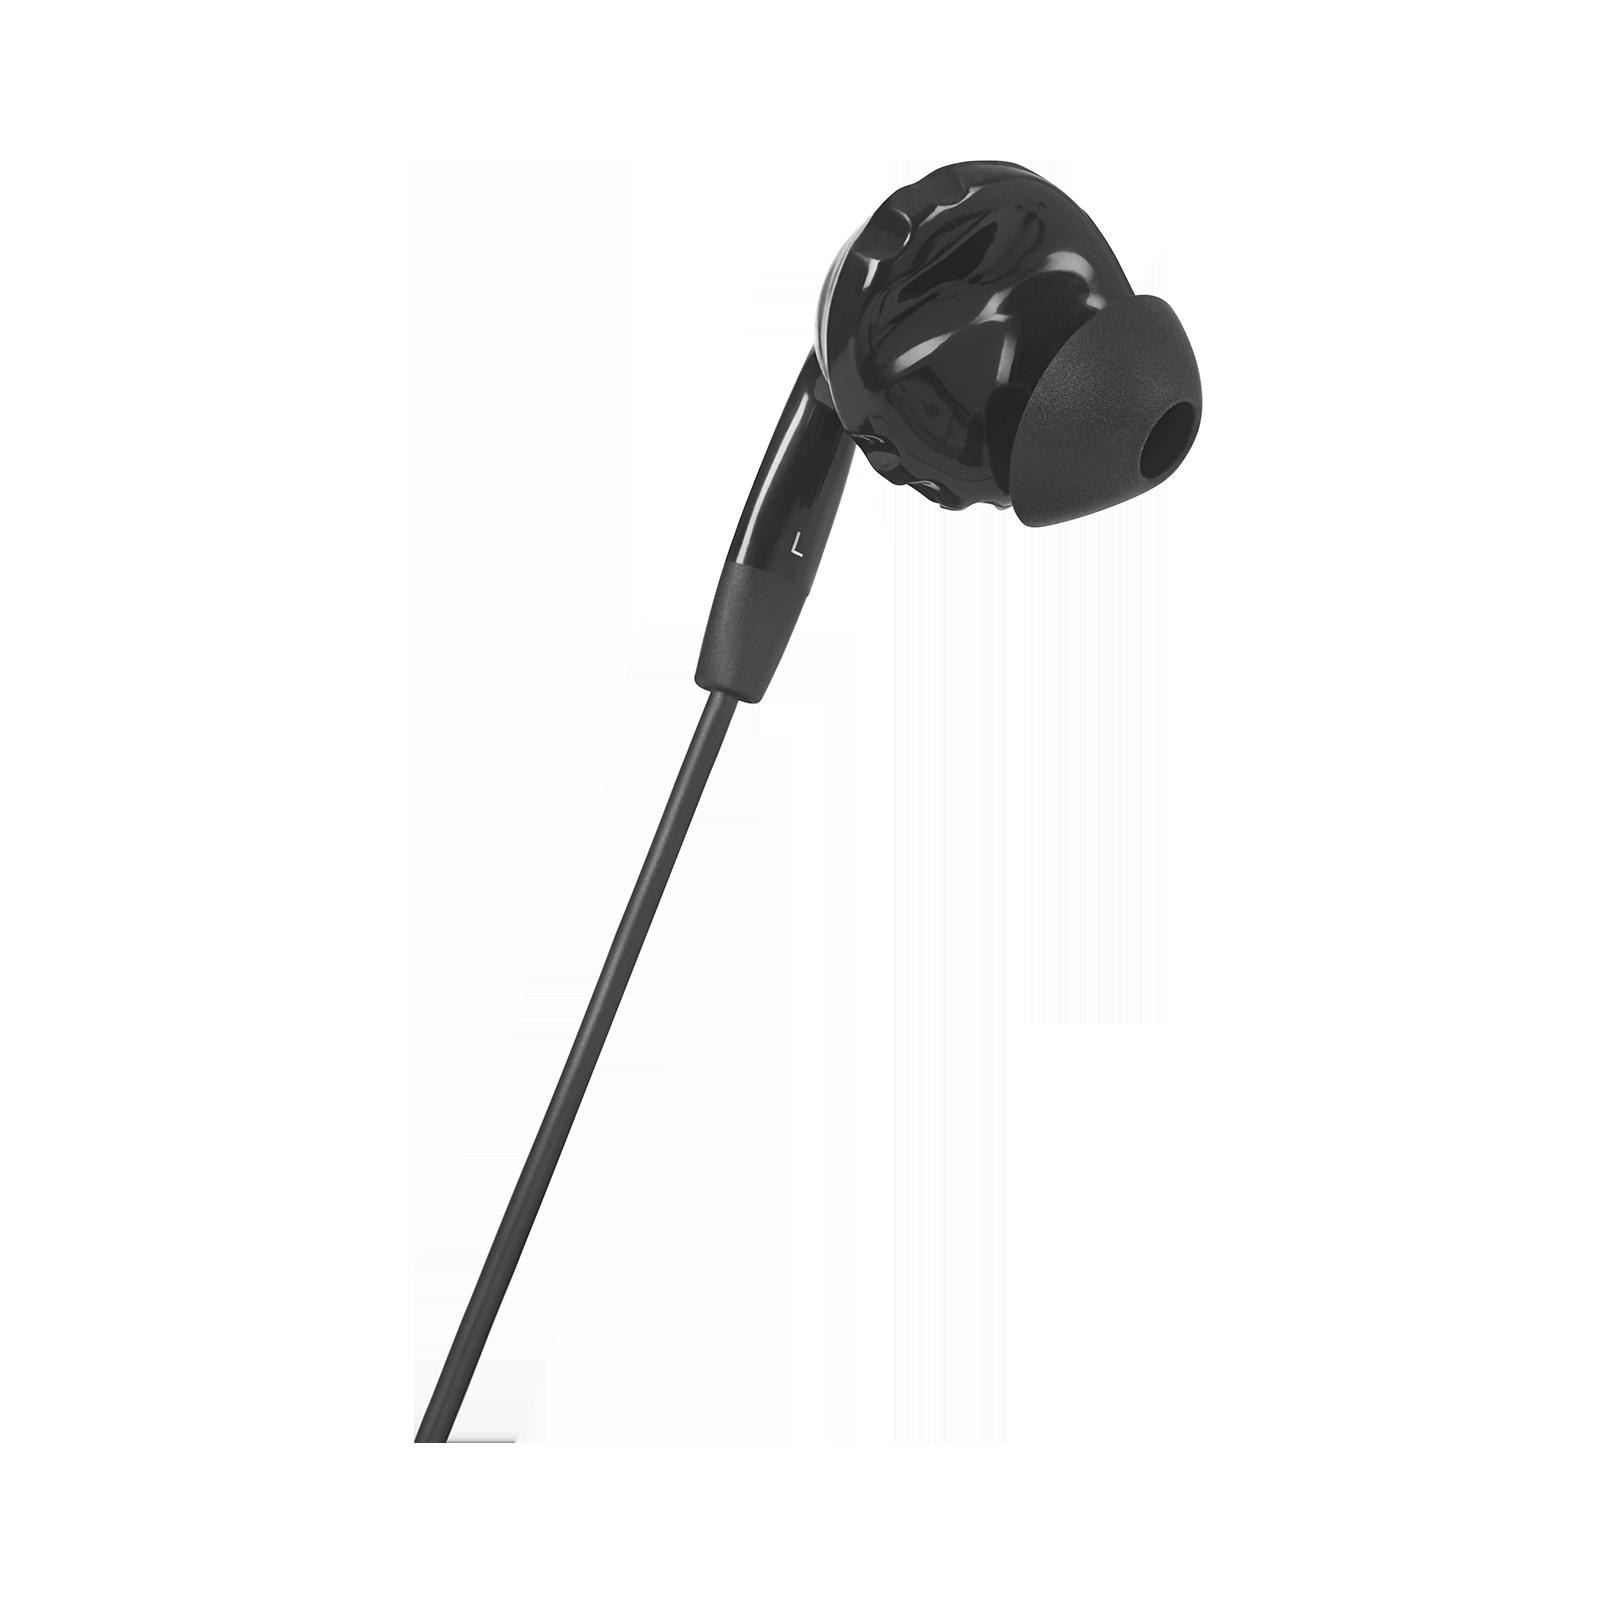 JBL Inspire 500 - Harman Audio EMEA